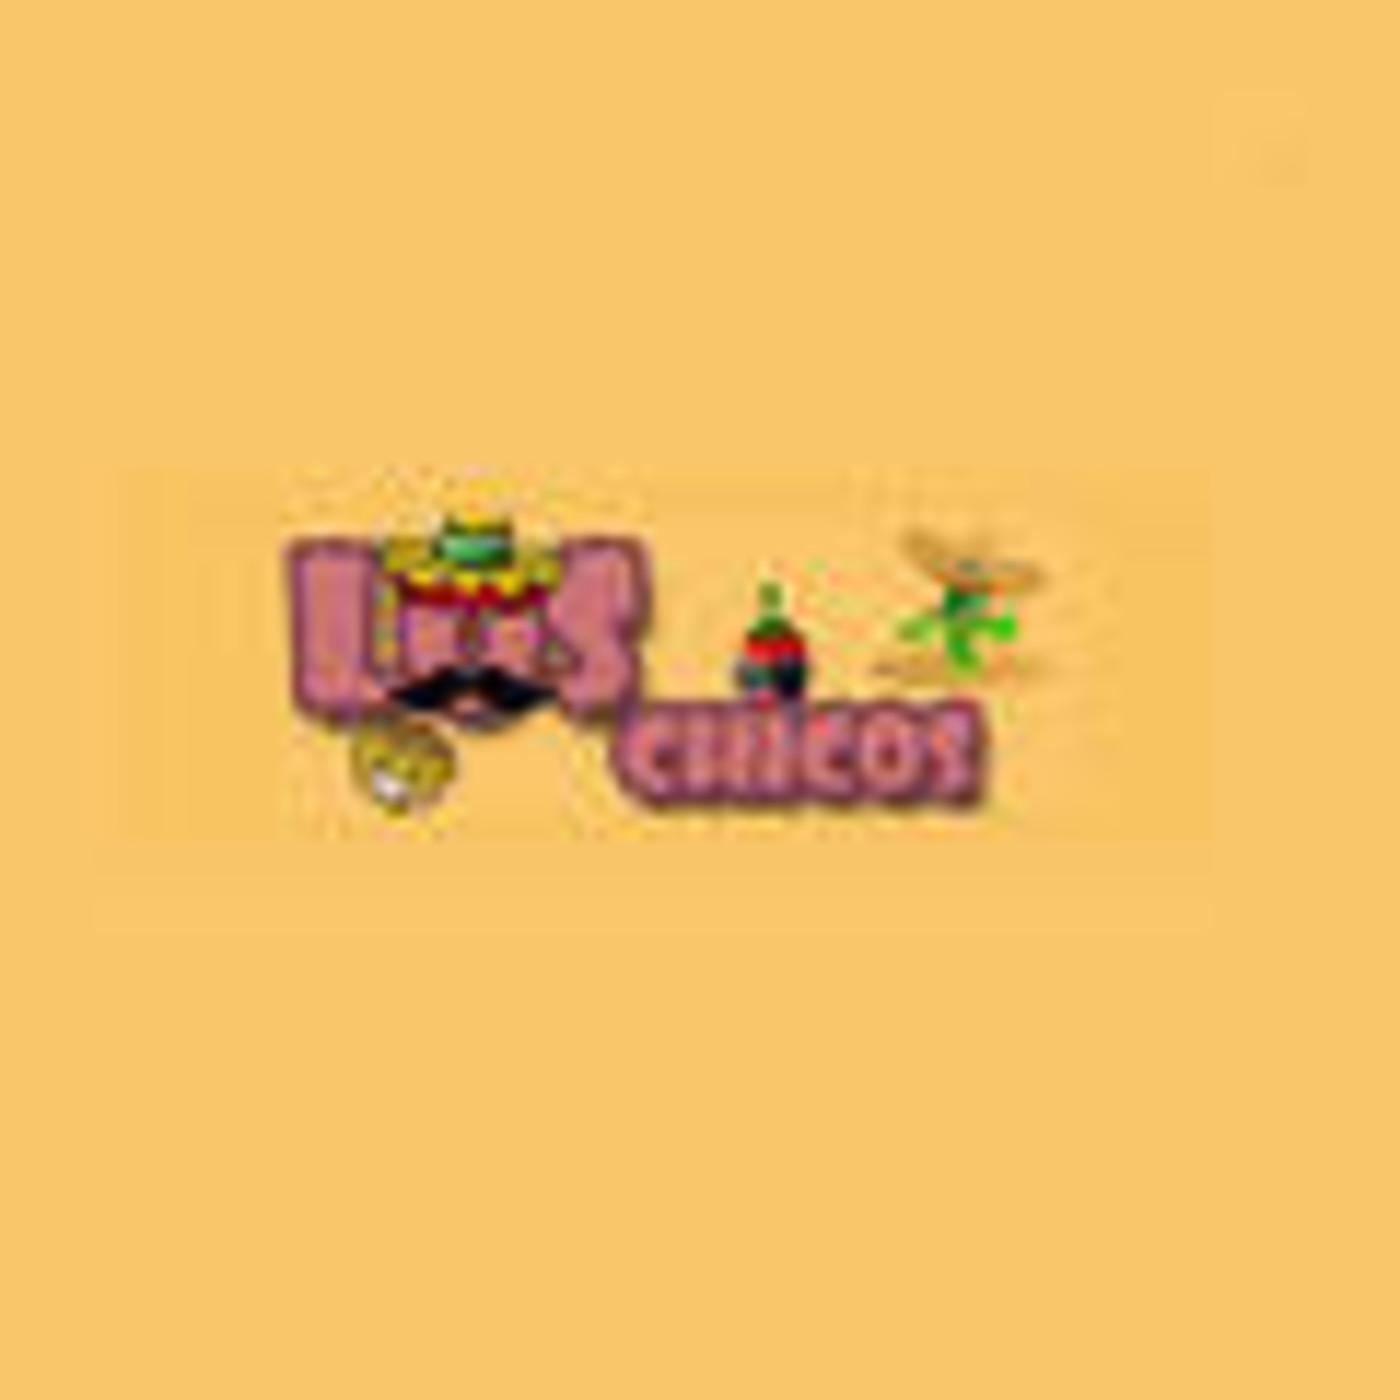 Podcast Los Chicos